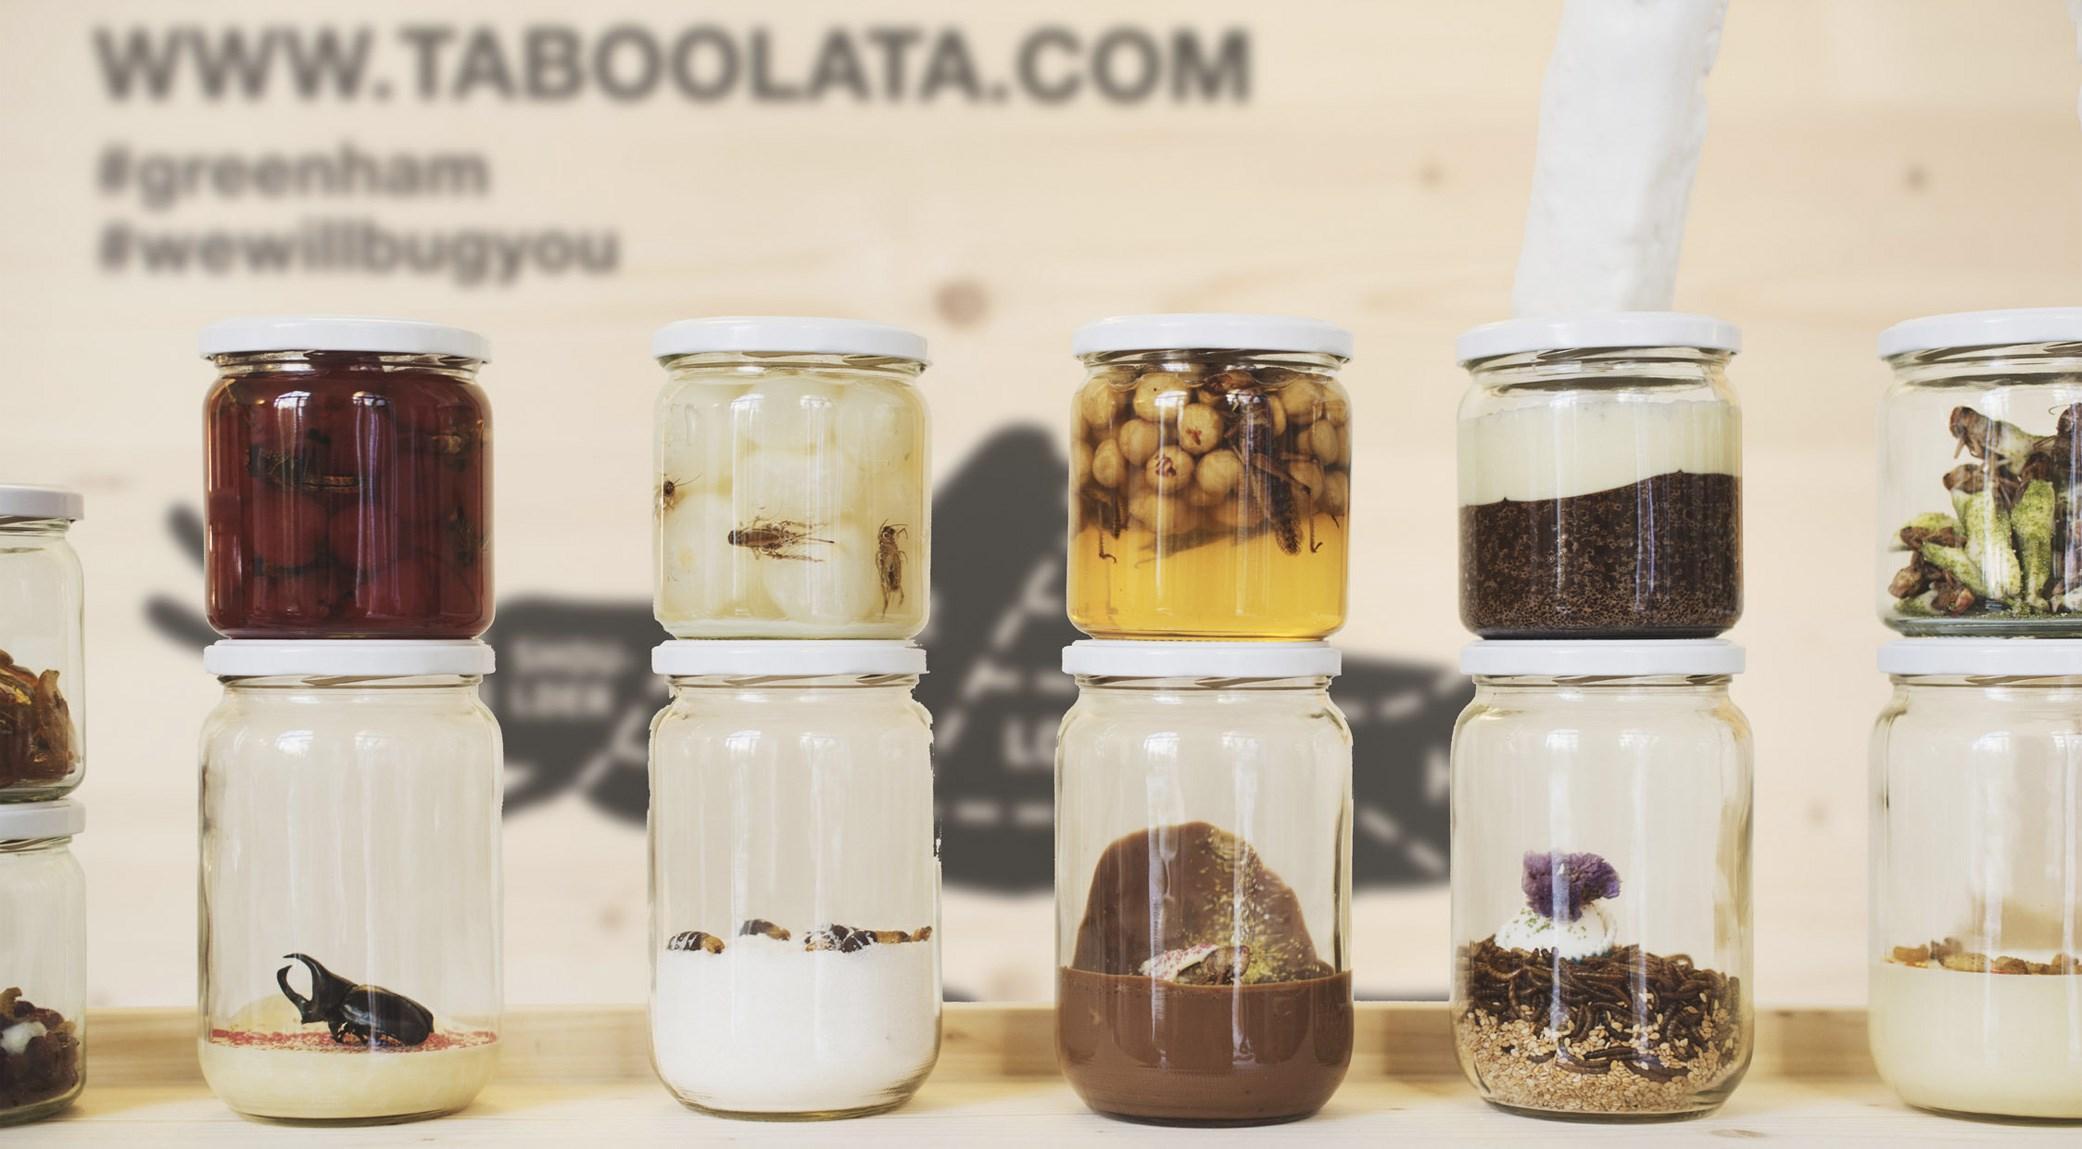 fuorisalone-2015-taboolata-insetti